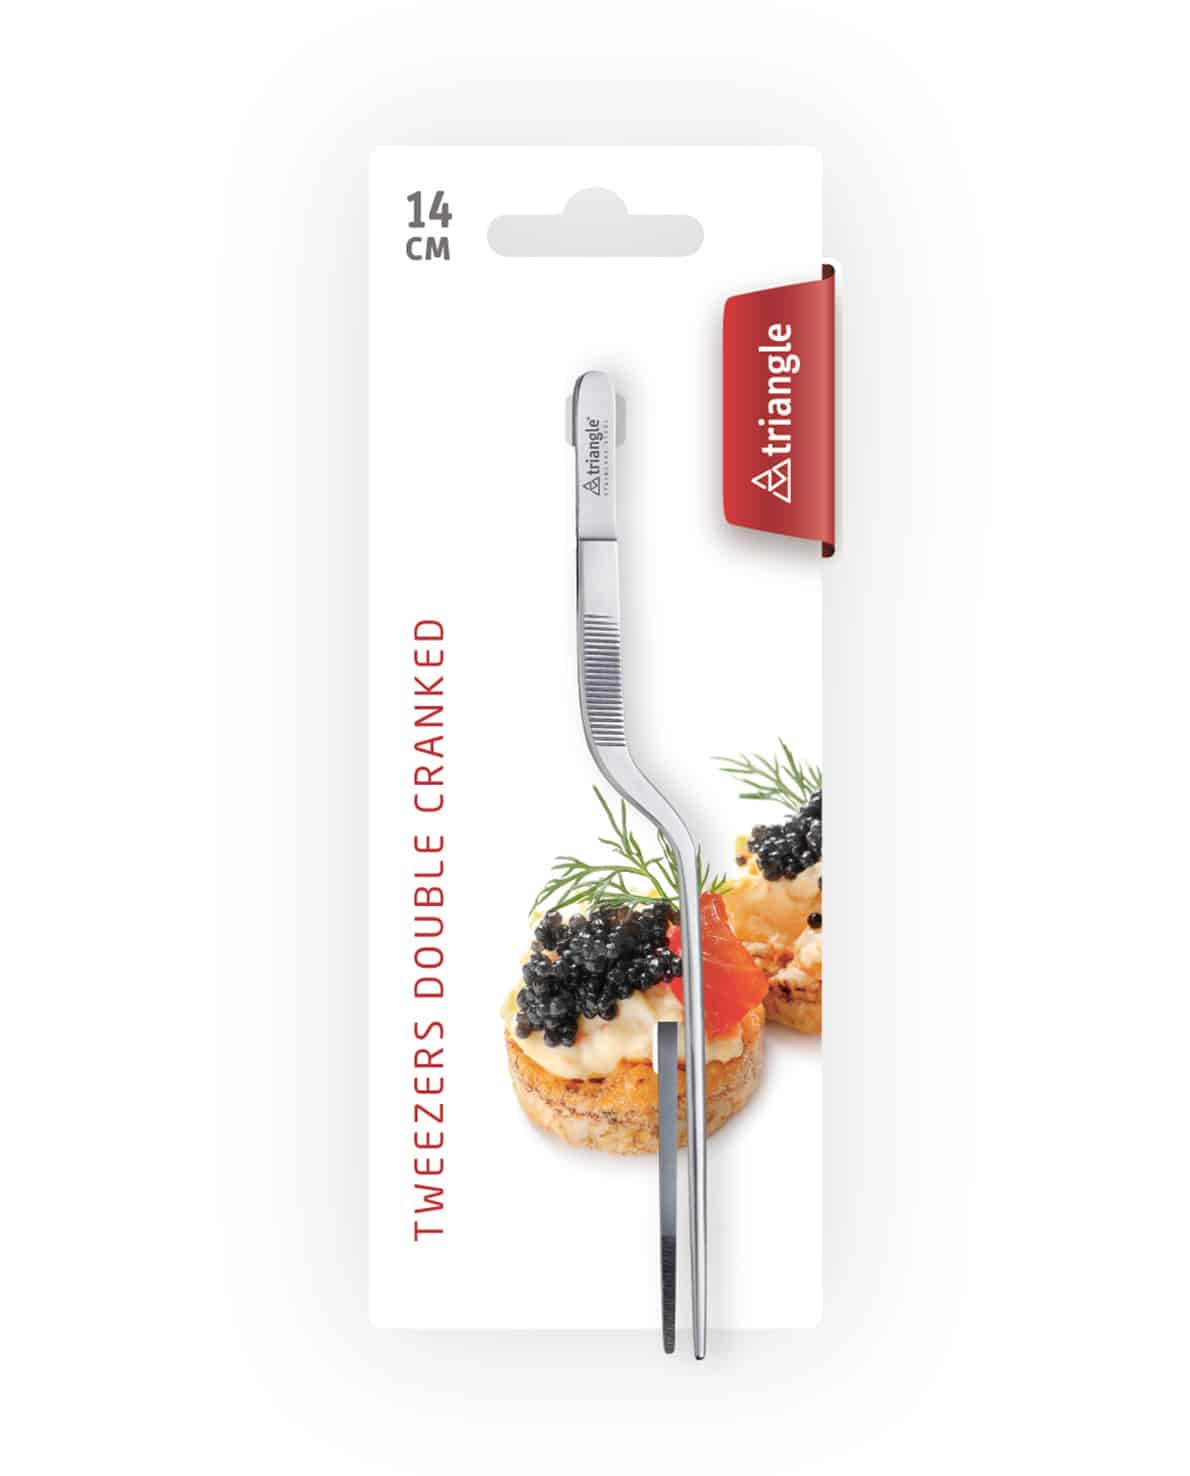 triangle Kochpinzette Küchenpinzette 15 cm Chefpinzette zweifach doppelt gebogen gekröpft Edelstahl klein fein carving Food Art Karte Verpackung